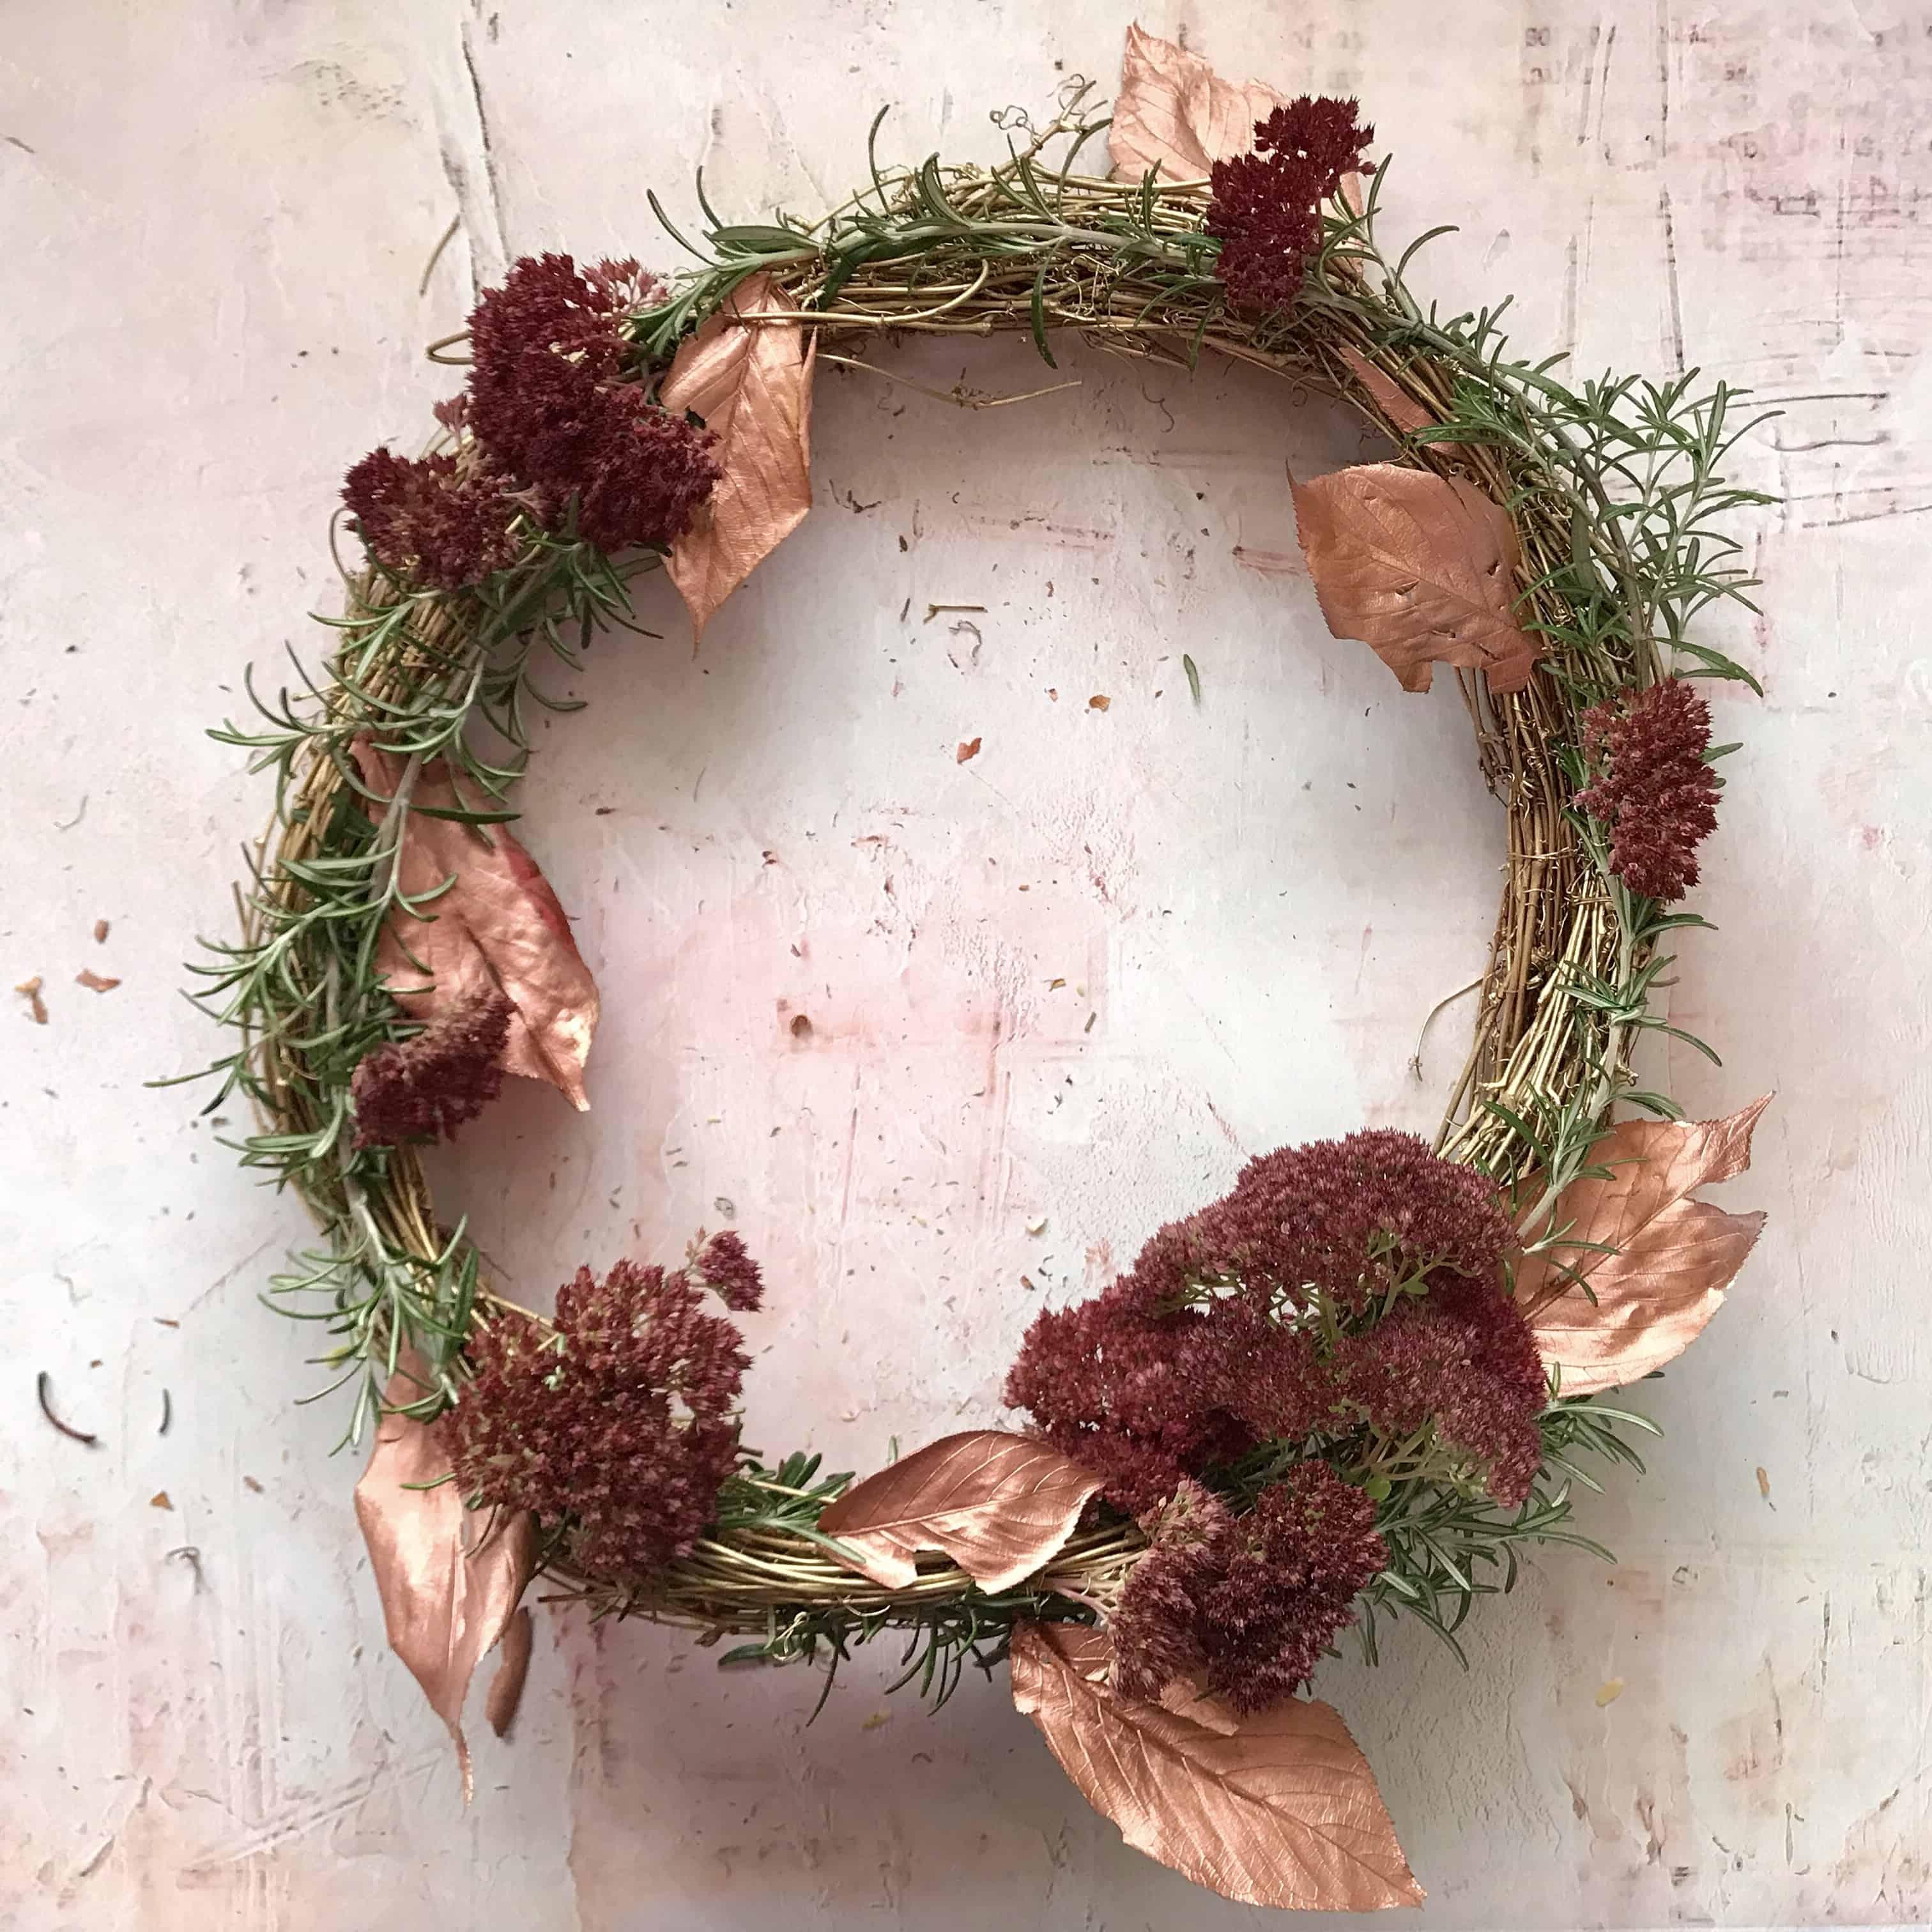 Metallic Door Wreath Tutorial Step 5 - slot in leaves